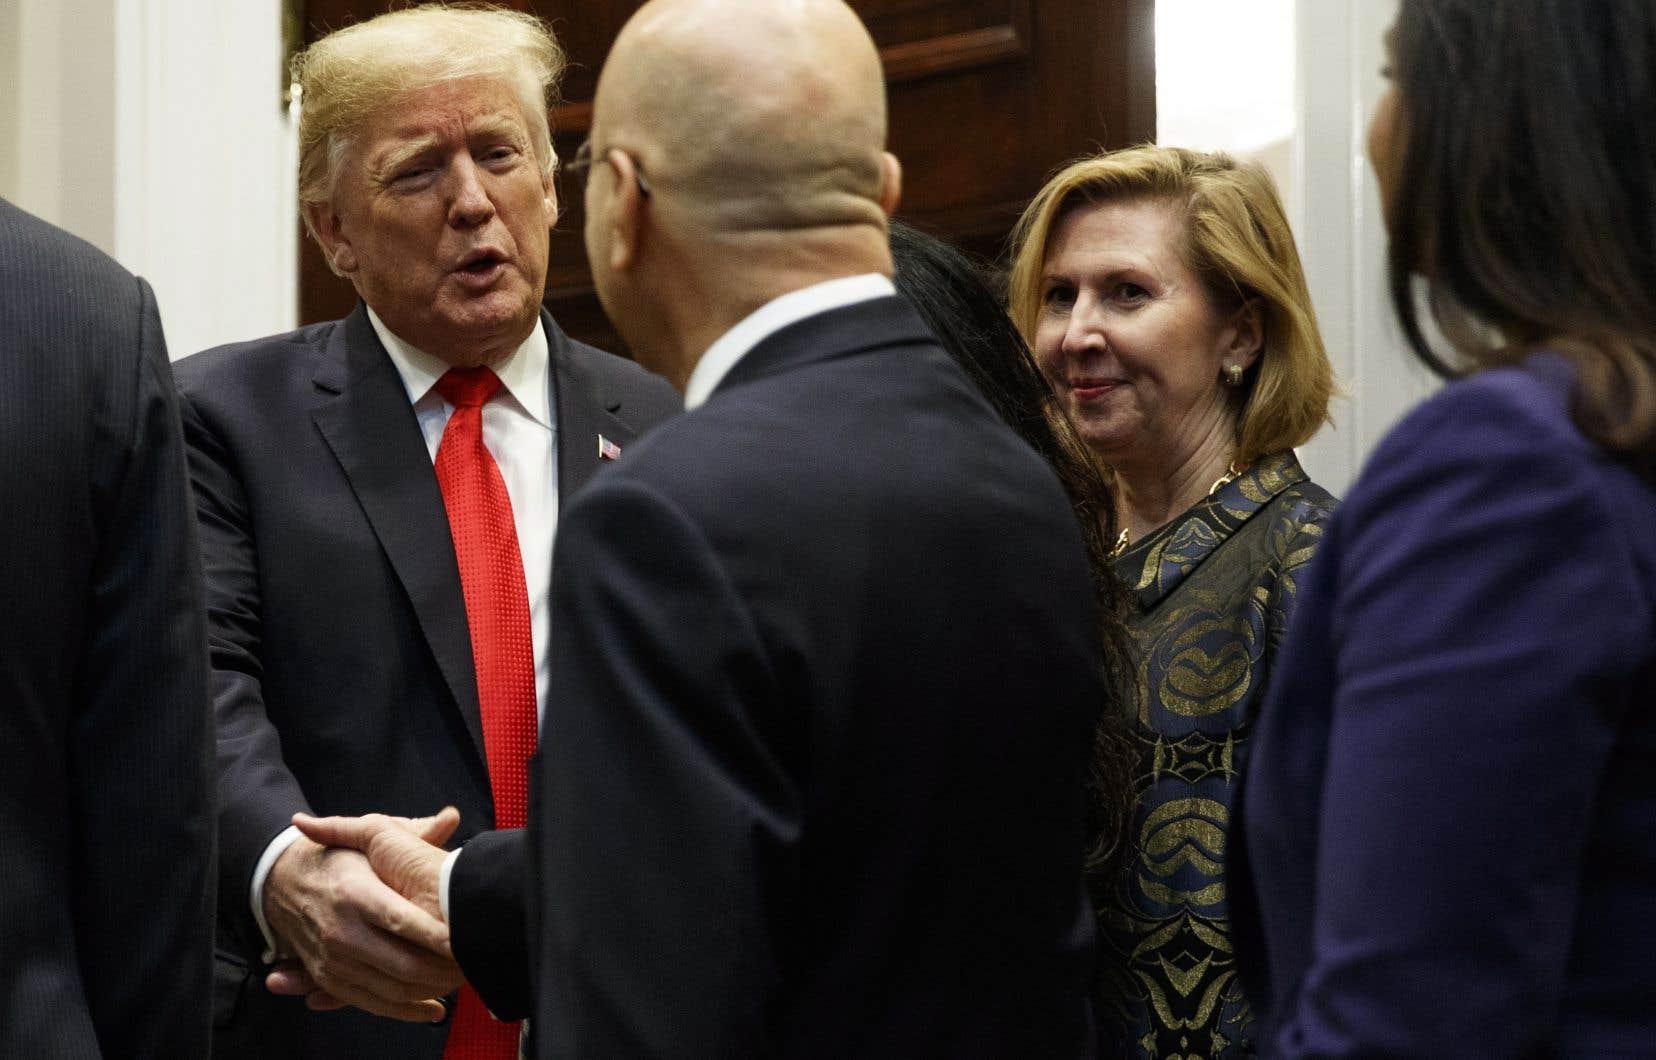 La conseillère Mira Ricardel, en compagnie du président Donald Trump, à la Maison-Blanche